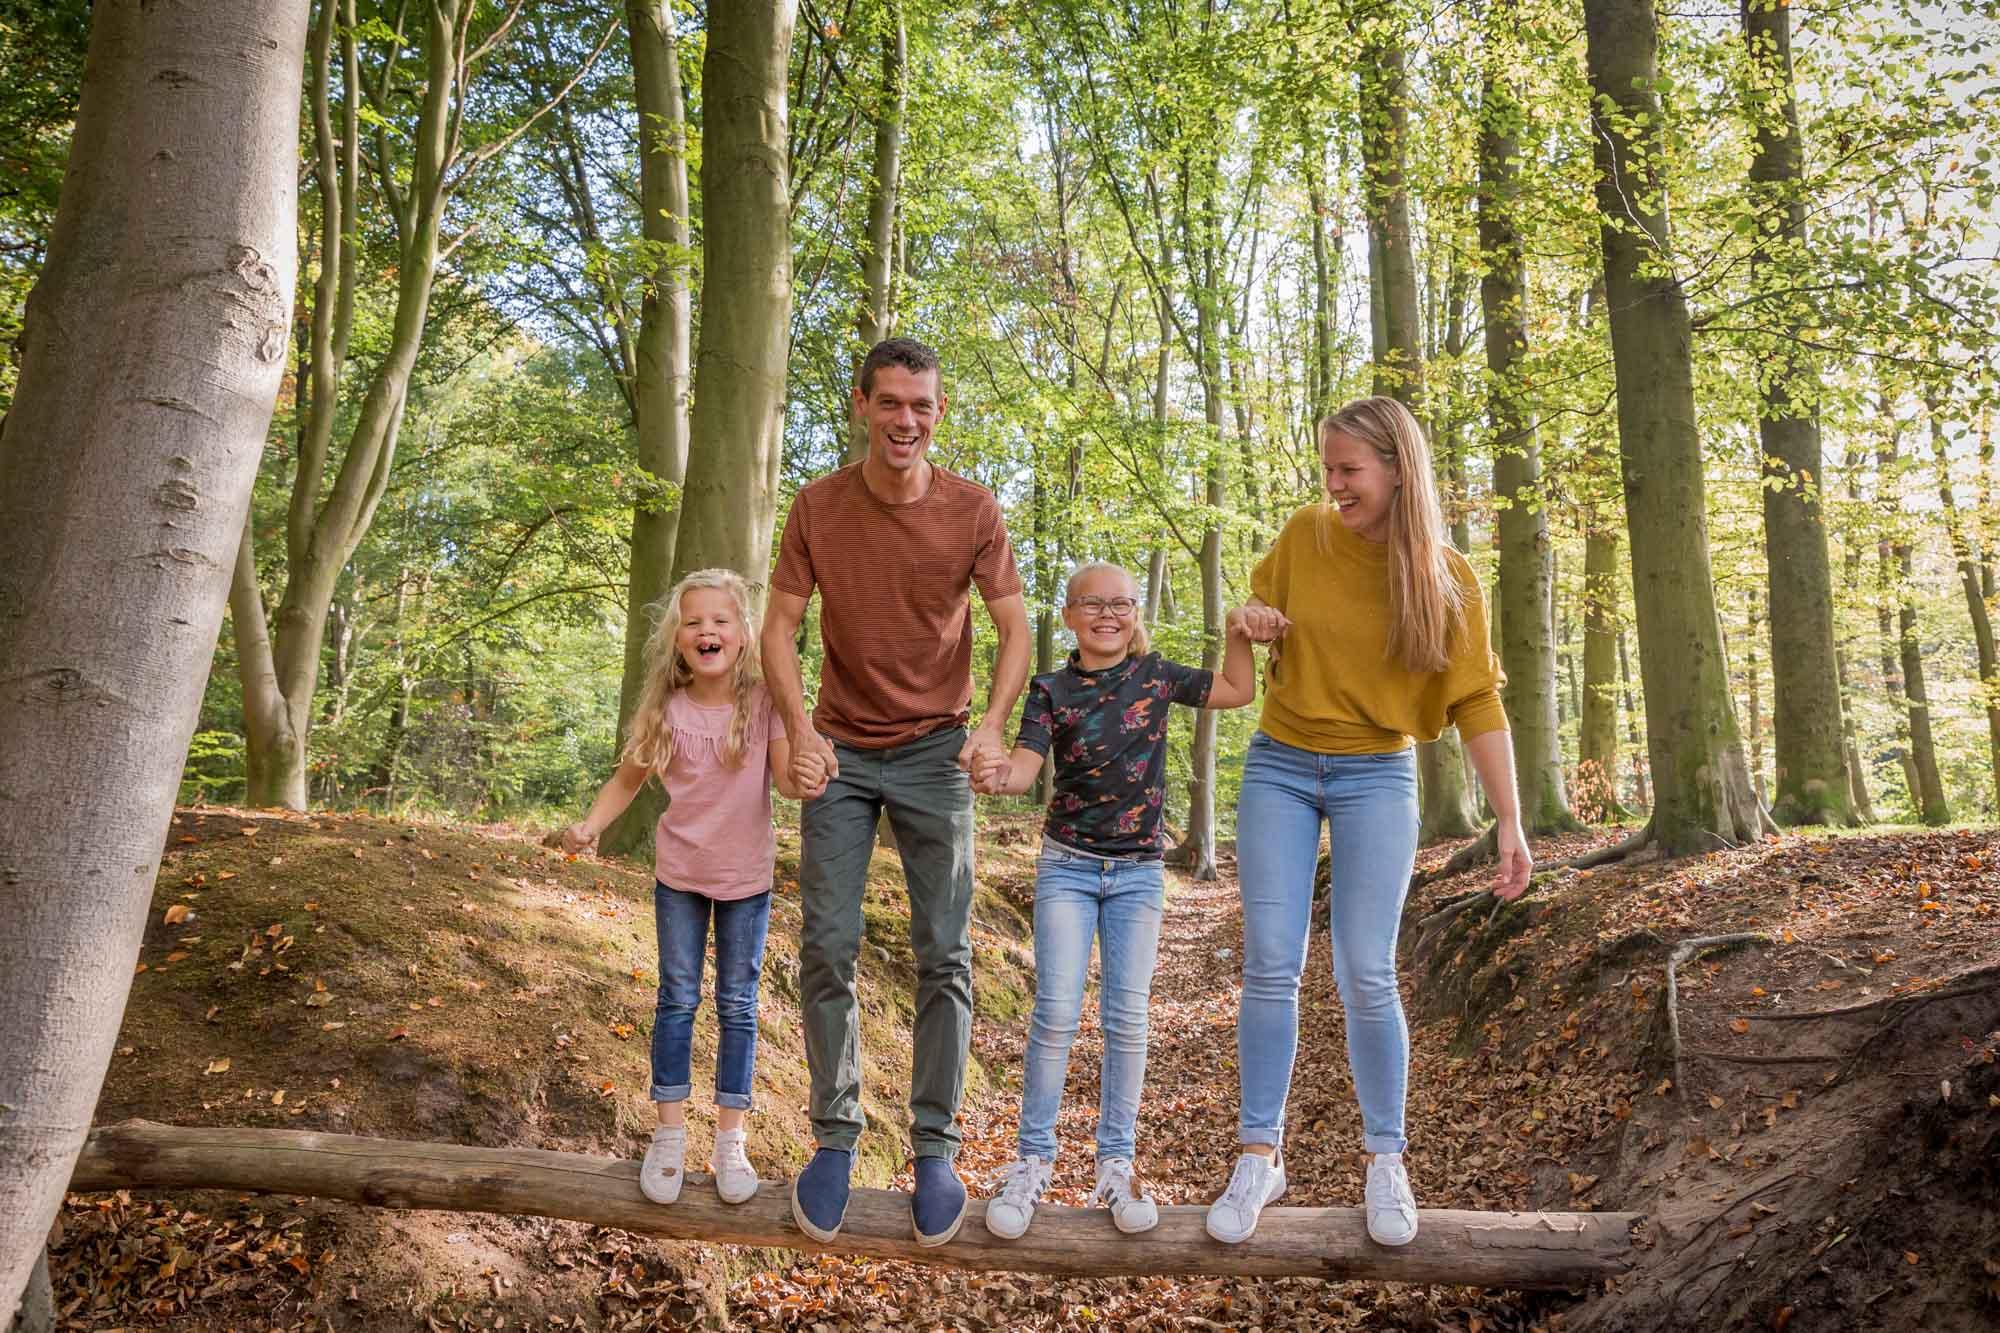 Gezinsfotograaf in Amersfoort, Nijkerk, Hoevelaken en omgeving, voor gezinsreportage. Gezinsfotoshoot door Mayra Fotografie. Herfst fotoshoot